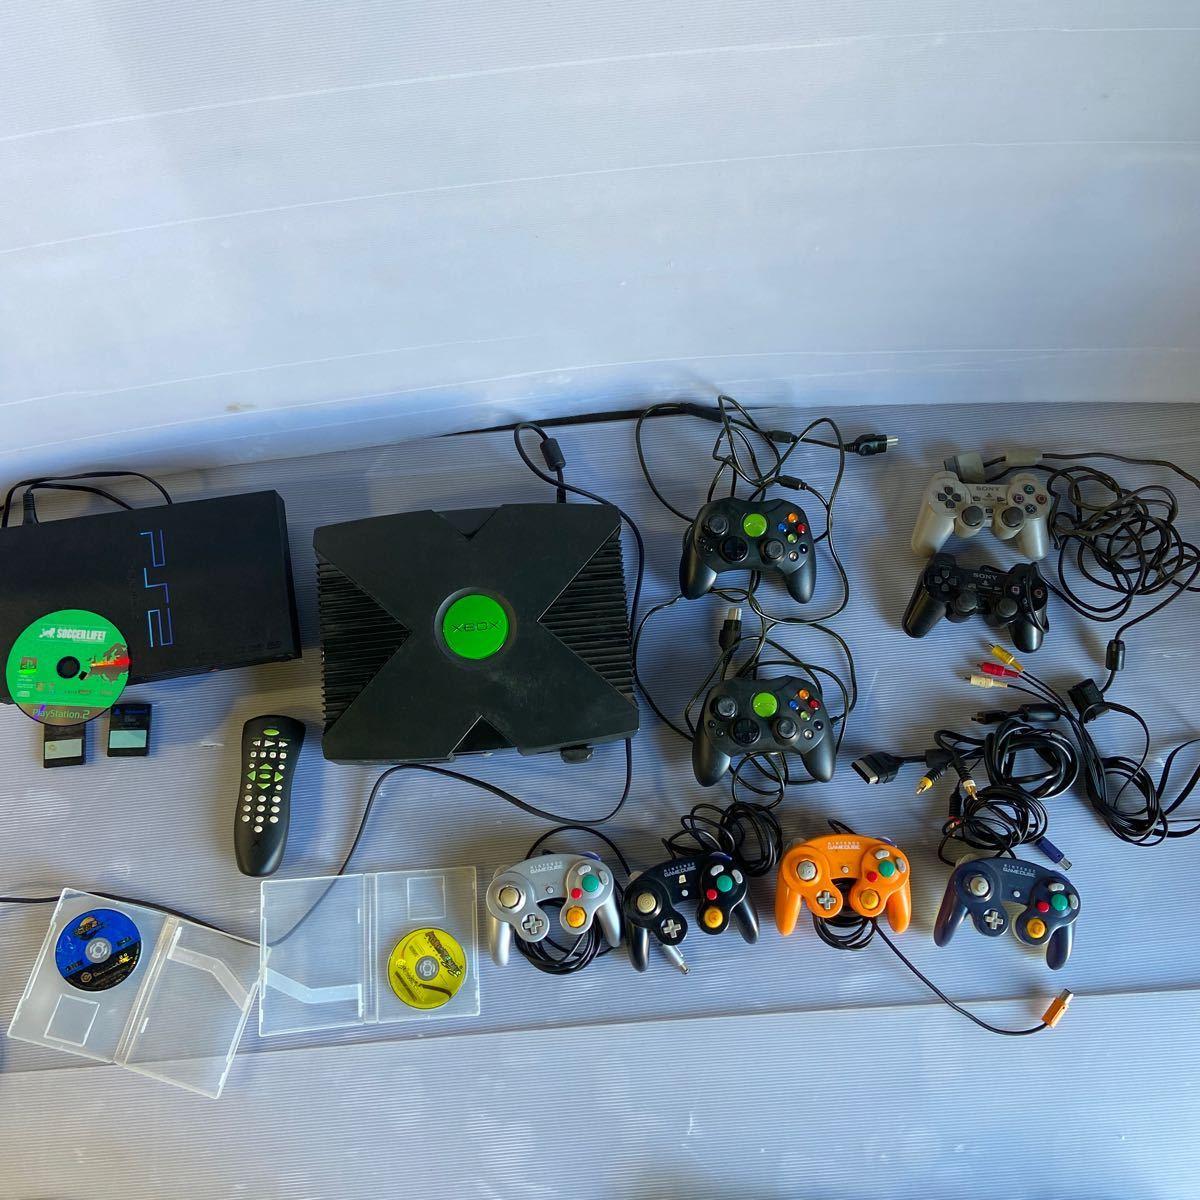 XBOX本体とコントローラー2個。PS2本体とコントローラー。ゲームキューブコントローラー4個とソフトマリオテニス、ソニック2バトル